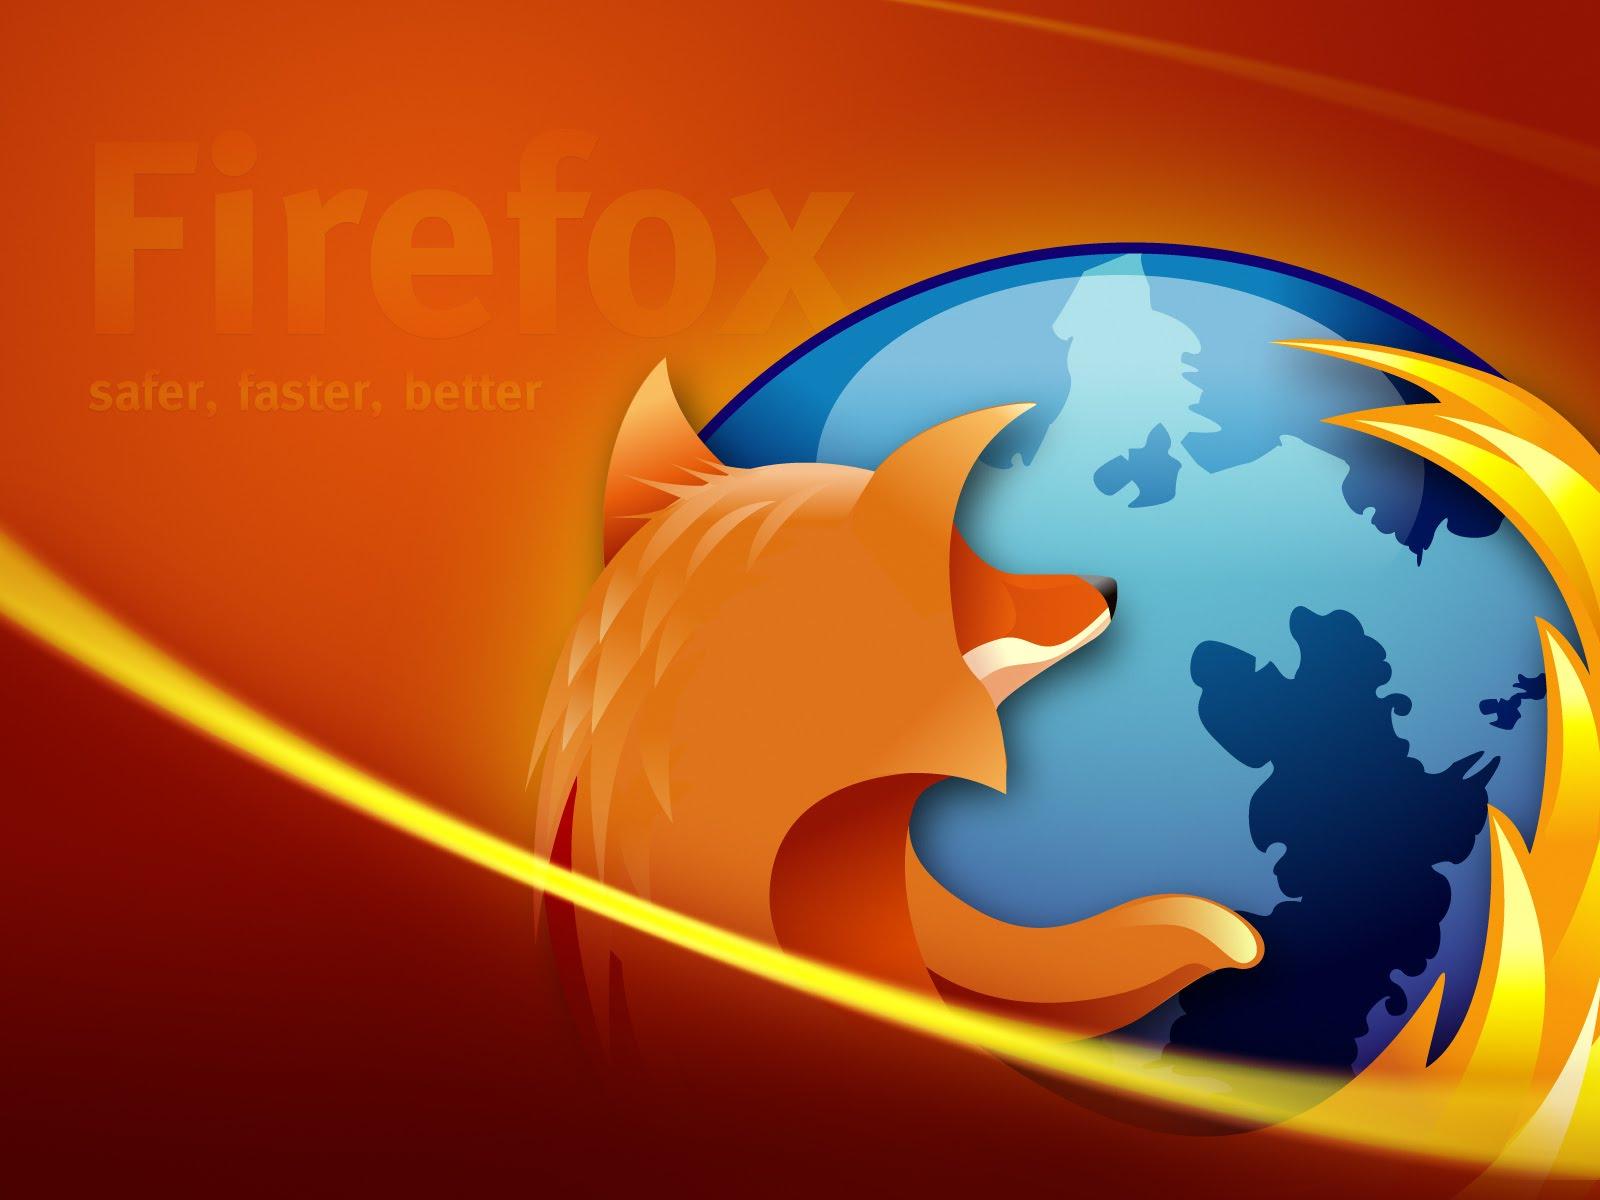 http://2.bp.blogspot.com/_grWCli_uS6Q/TSpAvdMEVgI/AAAAAAAAAIA/TvGEEyNCNOA/s1600/Firefox_01.jpg